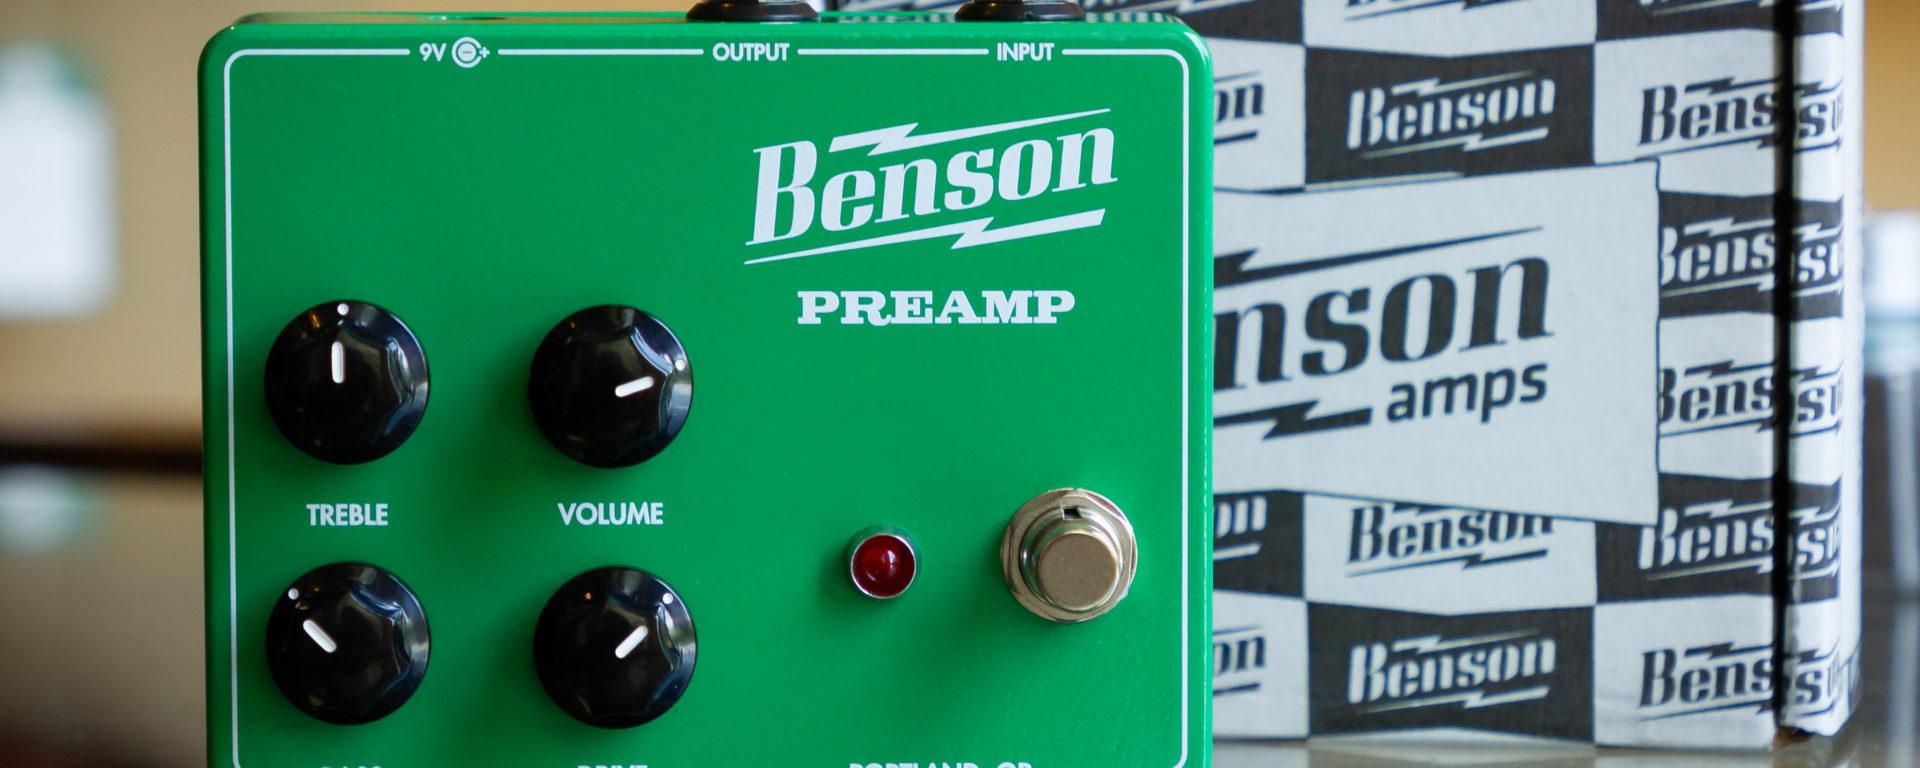 Benson Amps - Exclusive MSM Green